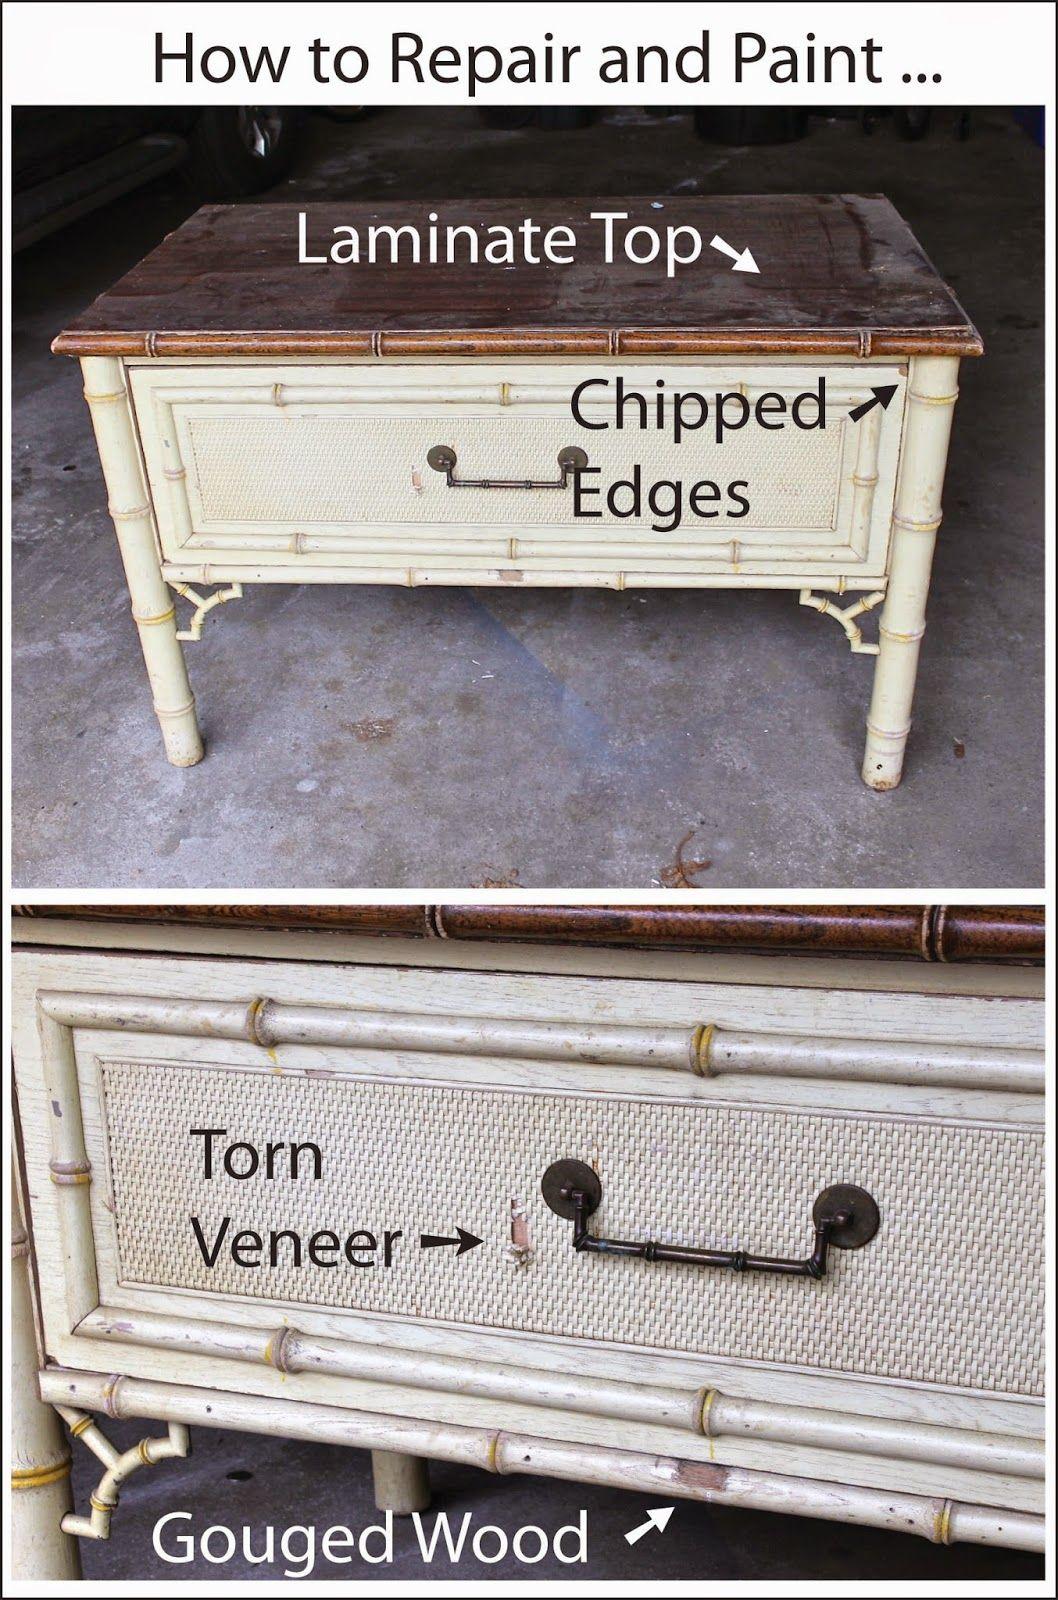 How To Repair And Paint Laminate Top Torn Veneer